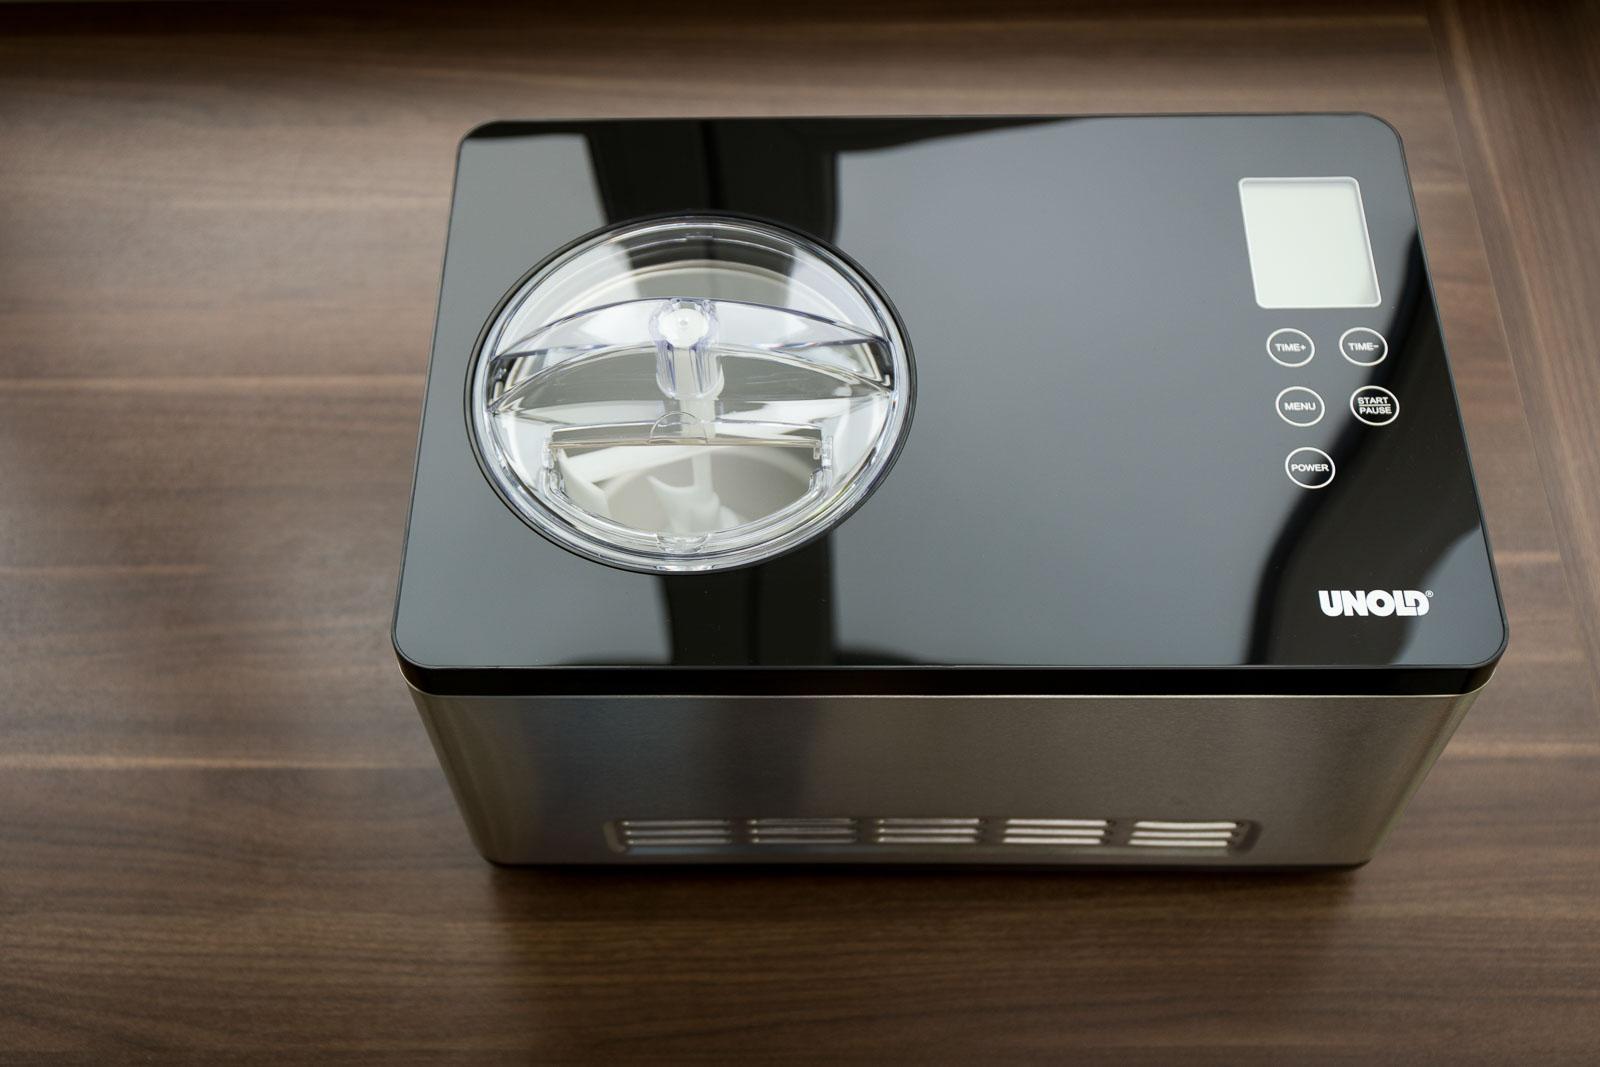 Mini Kühlschrank Unold : Preiswert unold eismaschine profi plus w edelstahl